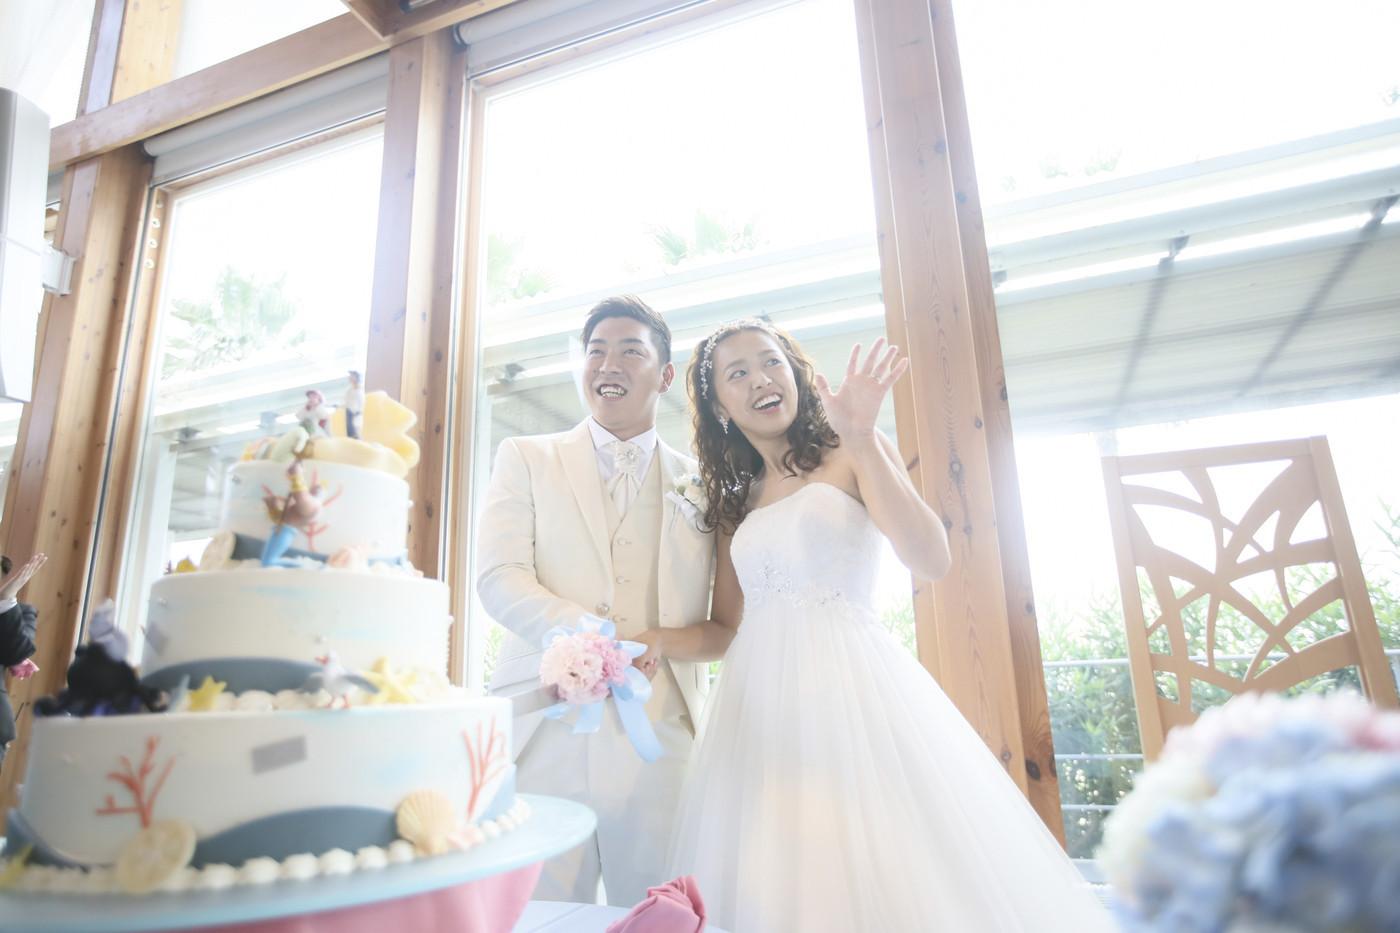 ケーキと笑顔.jpg